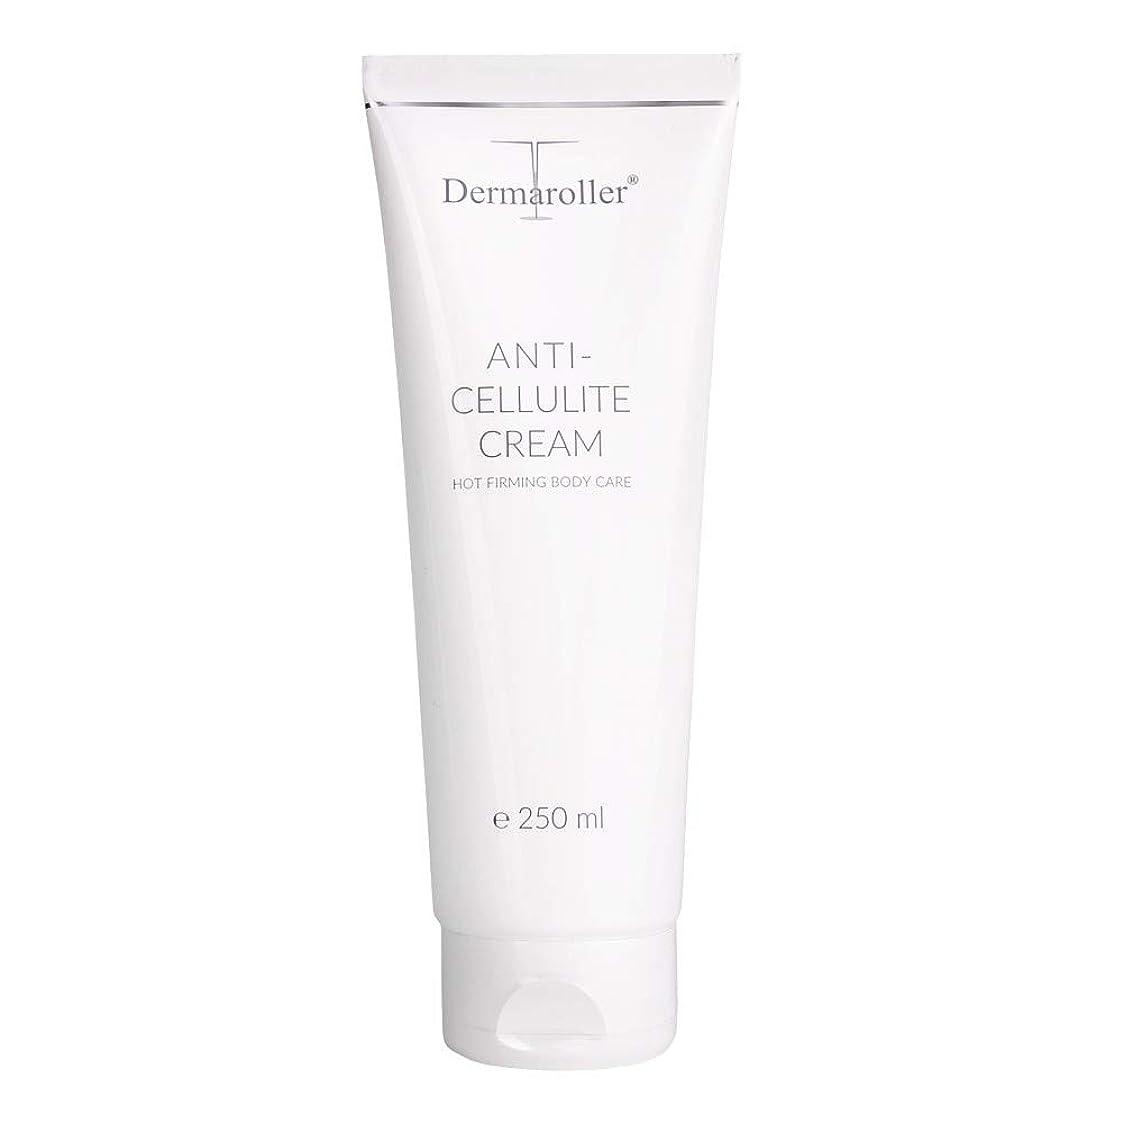 トラクターインディカ哀Dermaroller アンチ セルライト クリーム 250ml [Dermaroller]Anti-Cellulite Cream